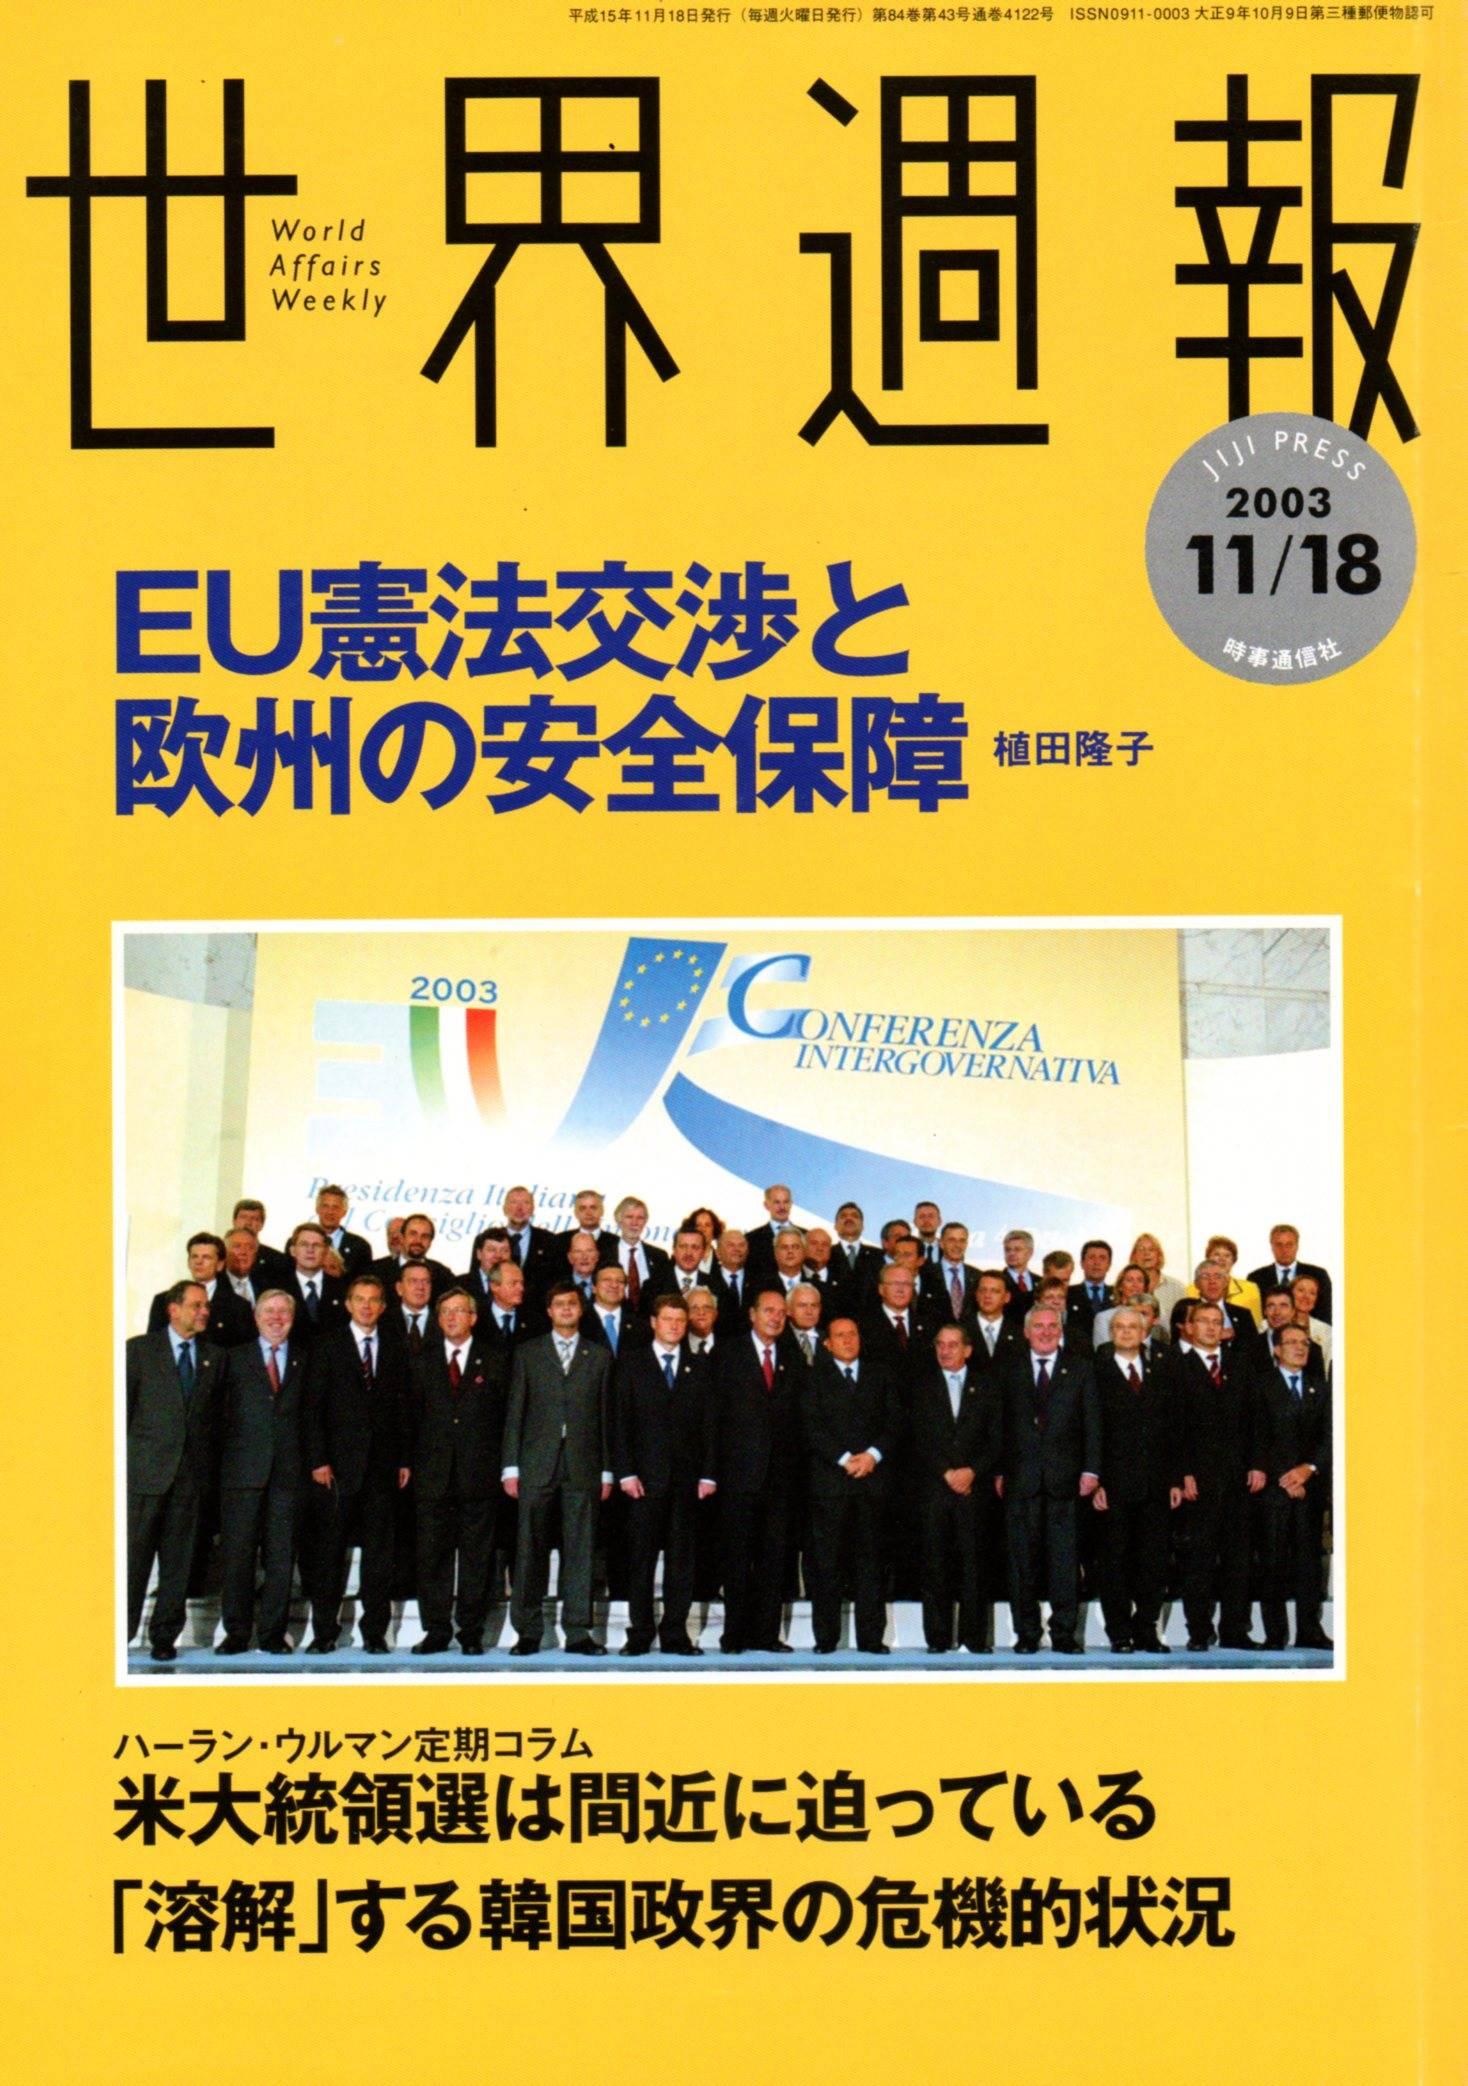 copertina del n. del 18 novembre 2003